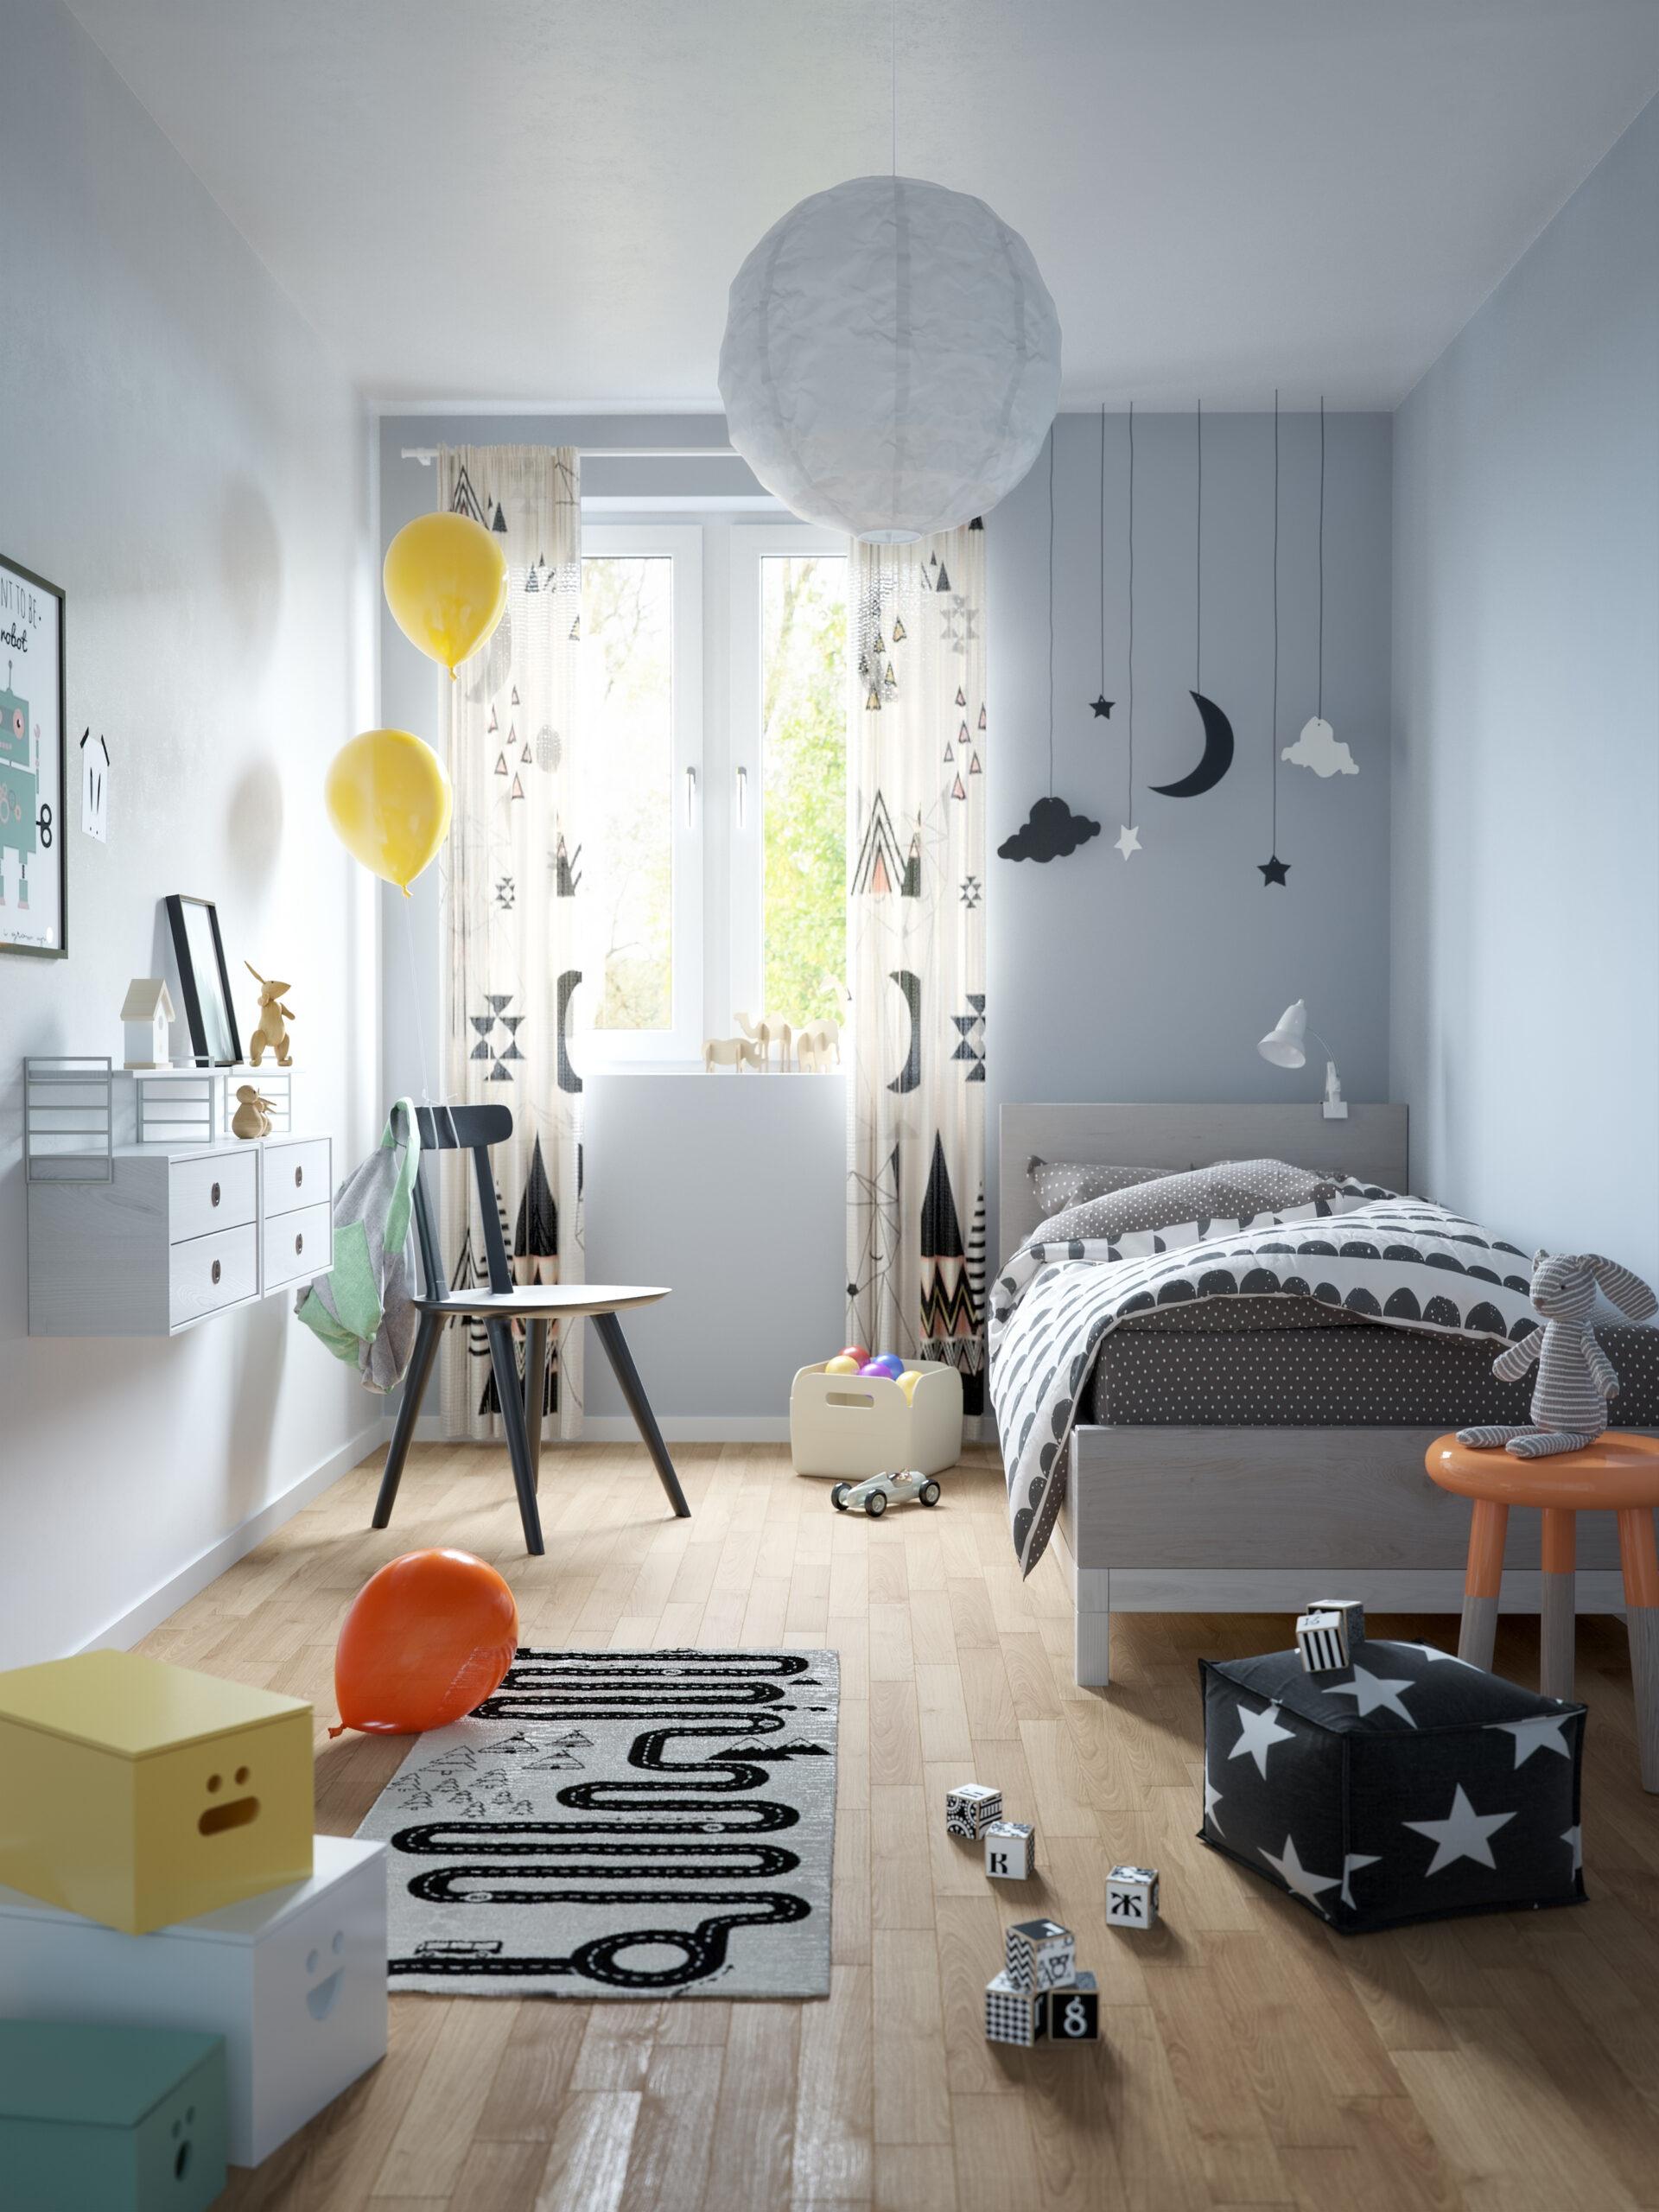 Full Size of Kinderzimmer Fr Jungen Einrichtungstipps Bonava Regal Küche Einrichten Weiß Kleine Sofa Regale Badezimmer Kinderzimmer Kinderzimmer Einrichten Junge